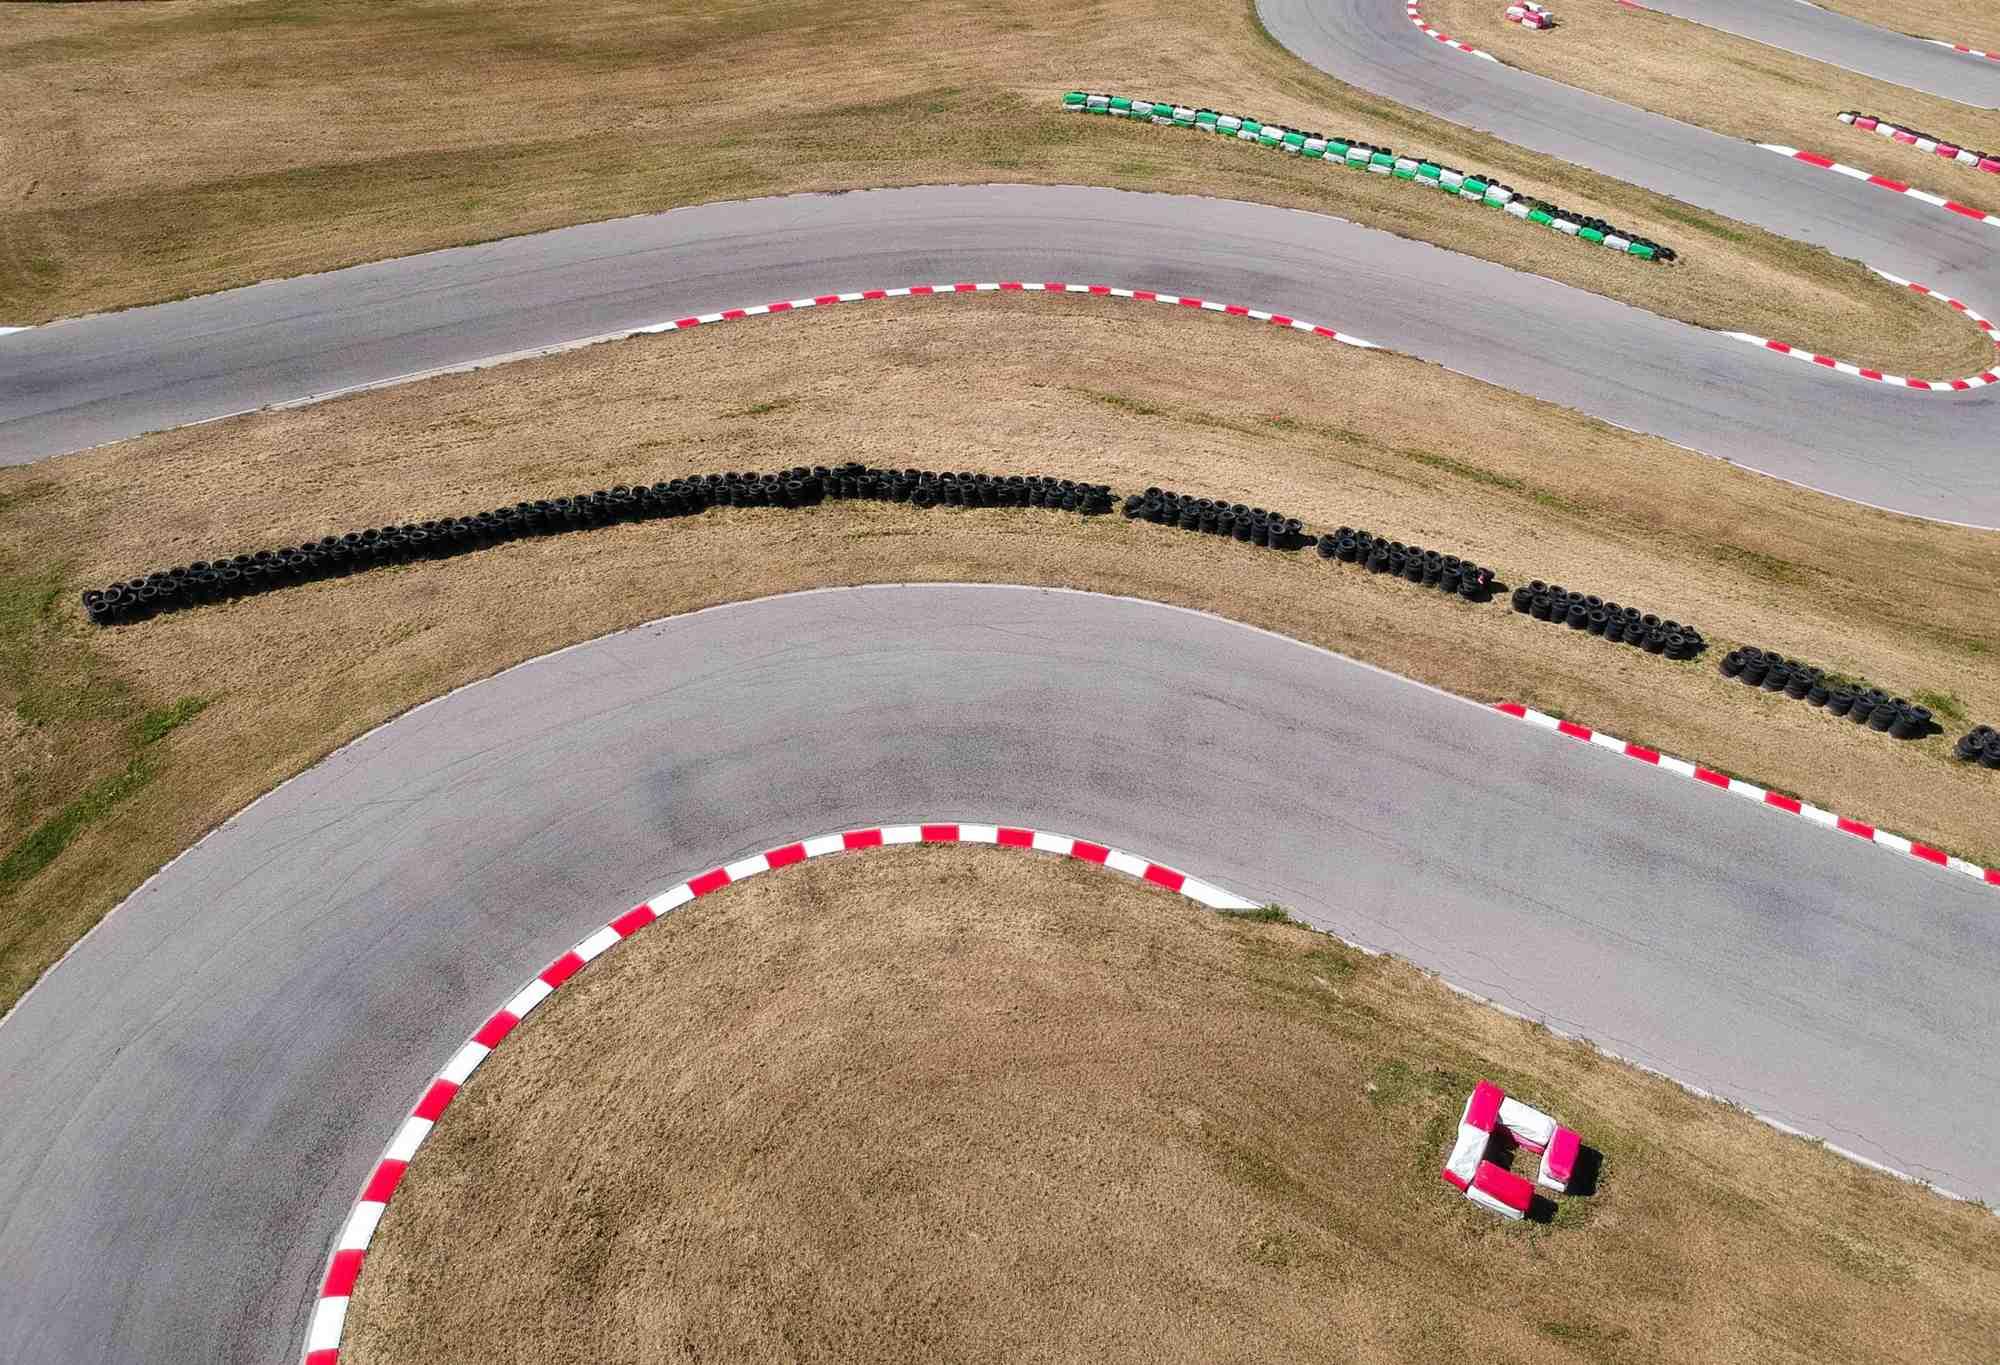 specjalistyczny autodrom w programie szkoleń kierowców na pojazdy uprzywilejowane - tor samochodowy